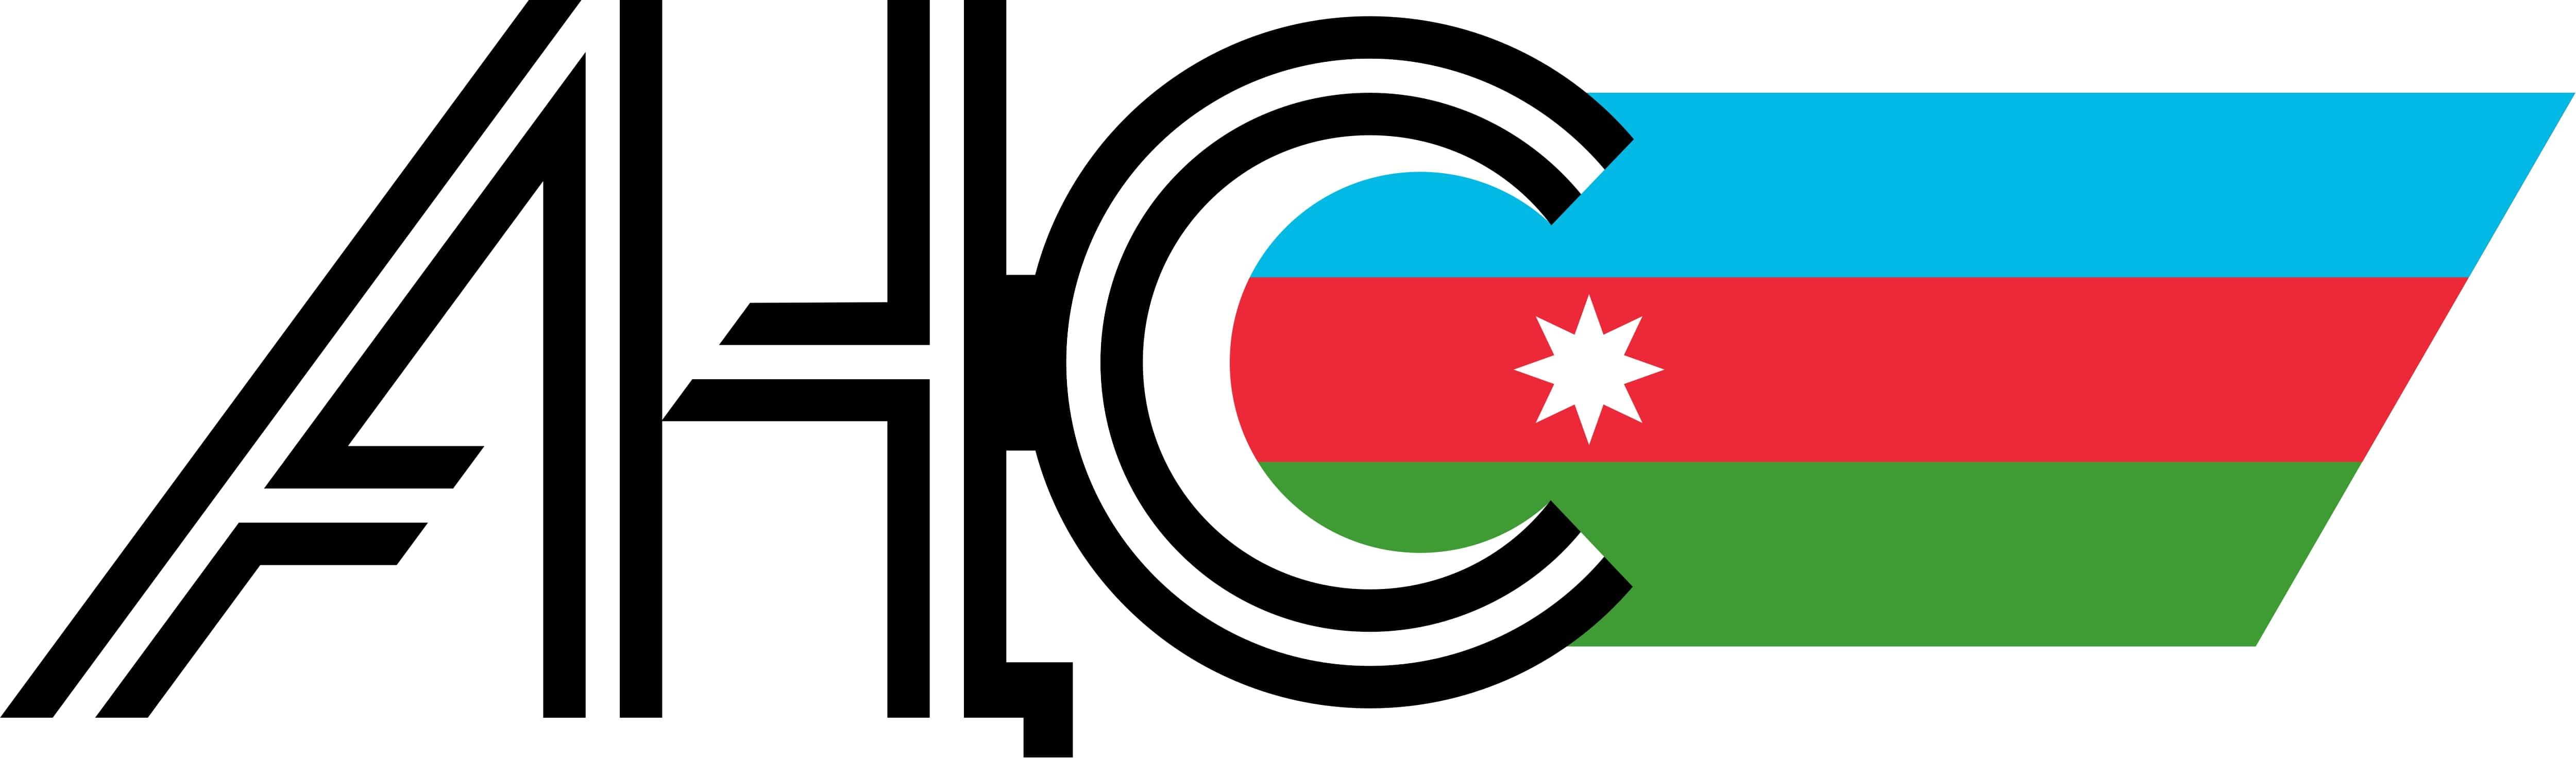 azeri sito di incontri